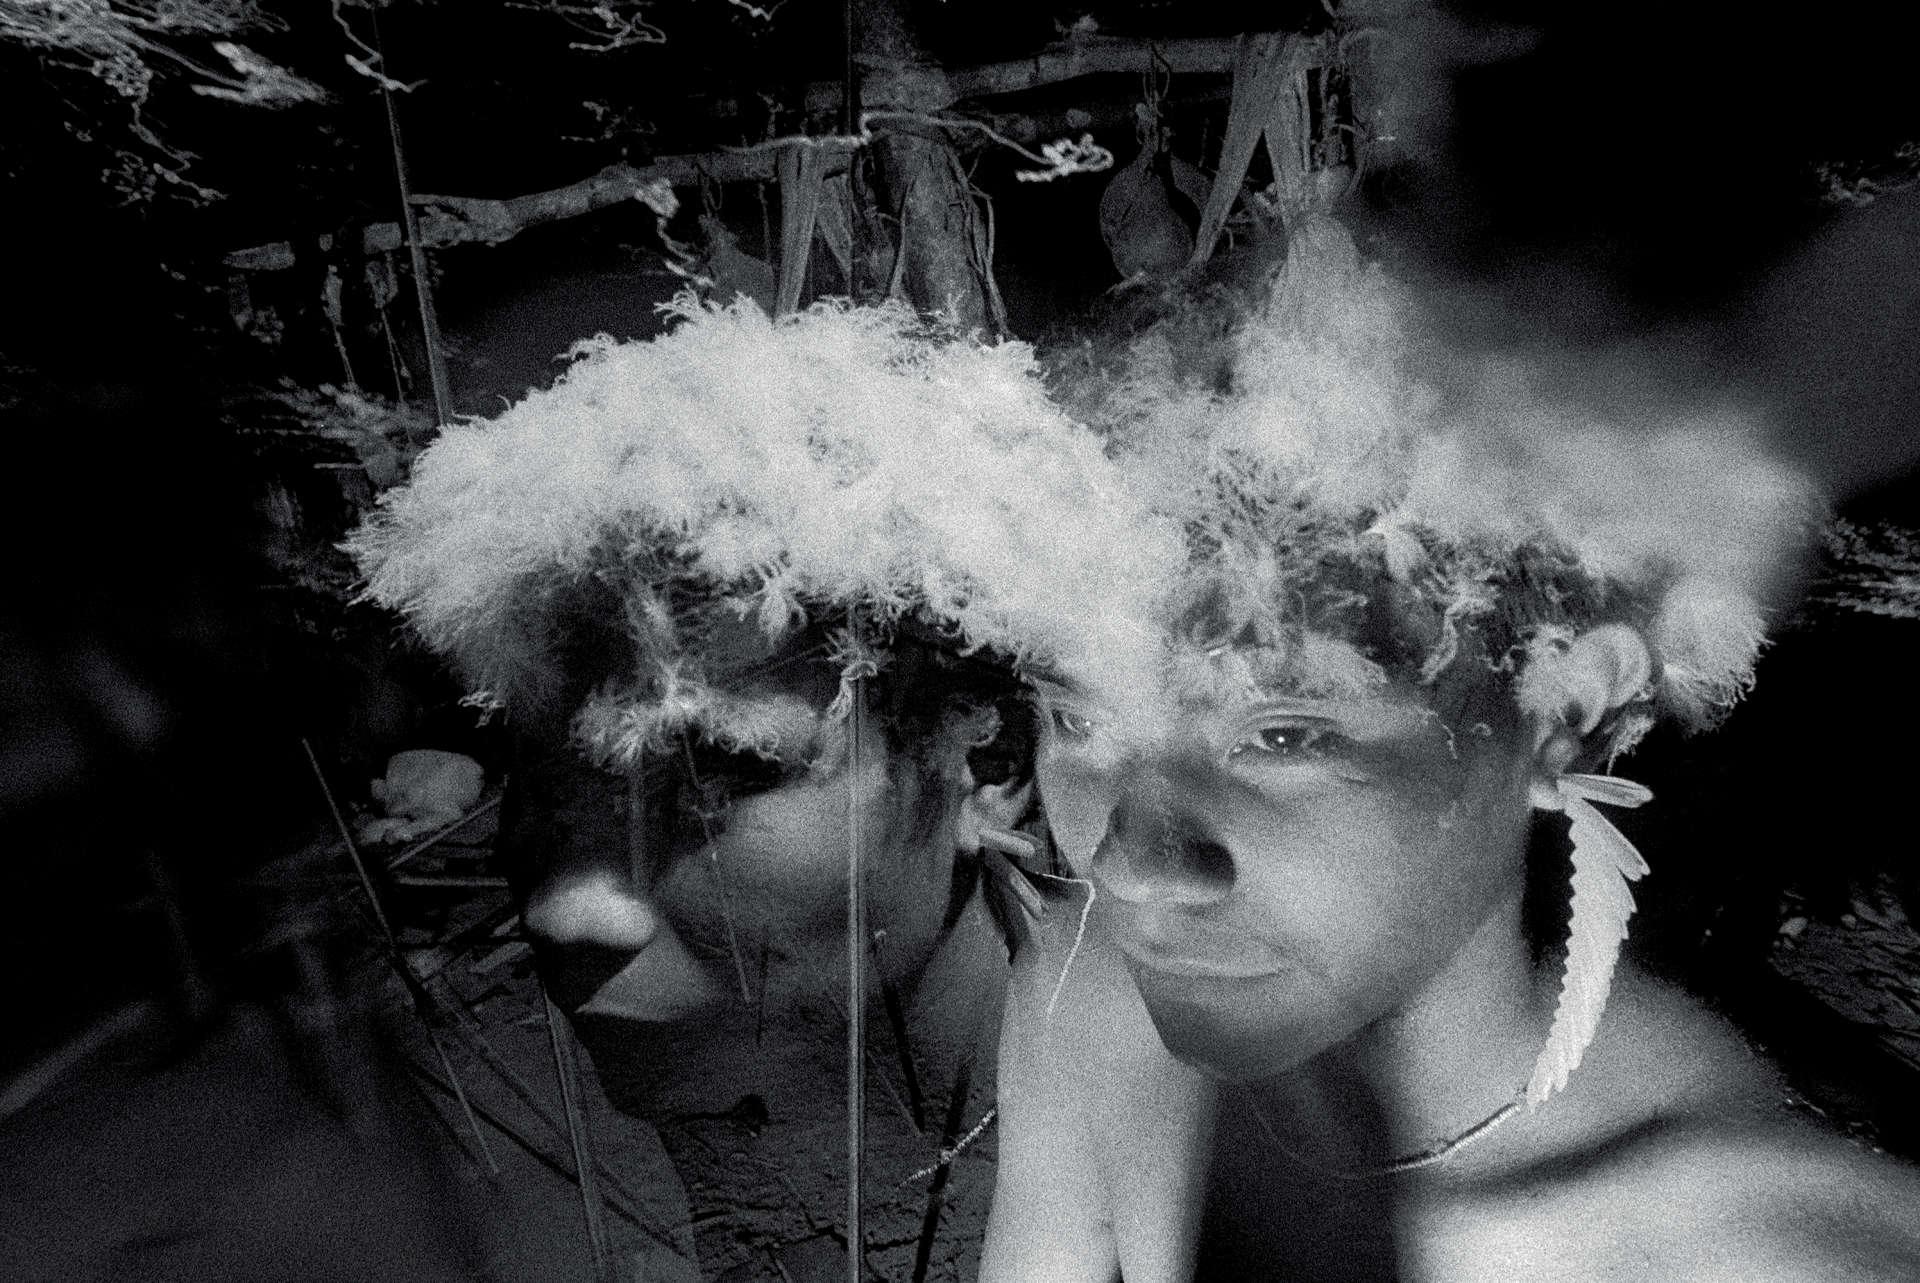 Pour une fête, les hommes invités portent des plumes de faucon. Photo extraite de la série «O reahu») de Claudia Andujar 1974.